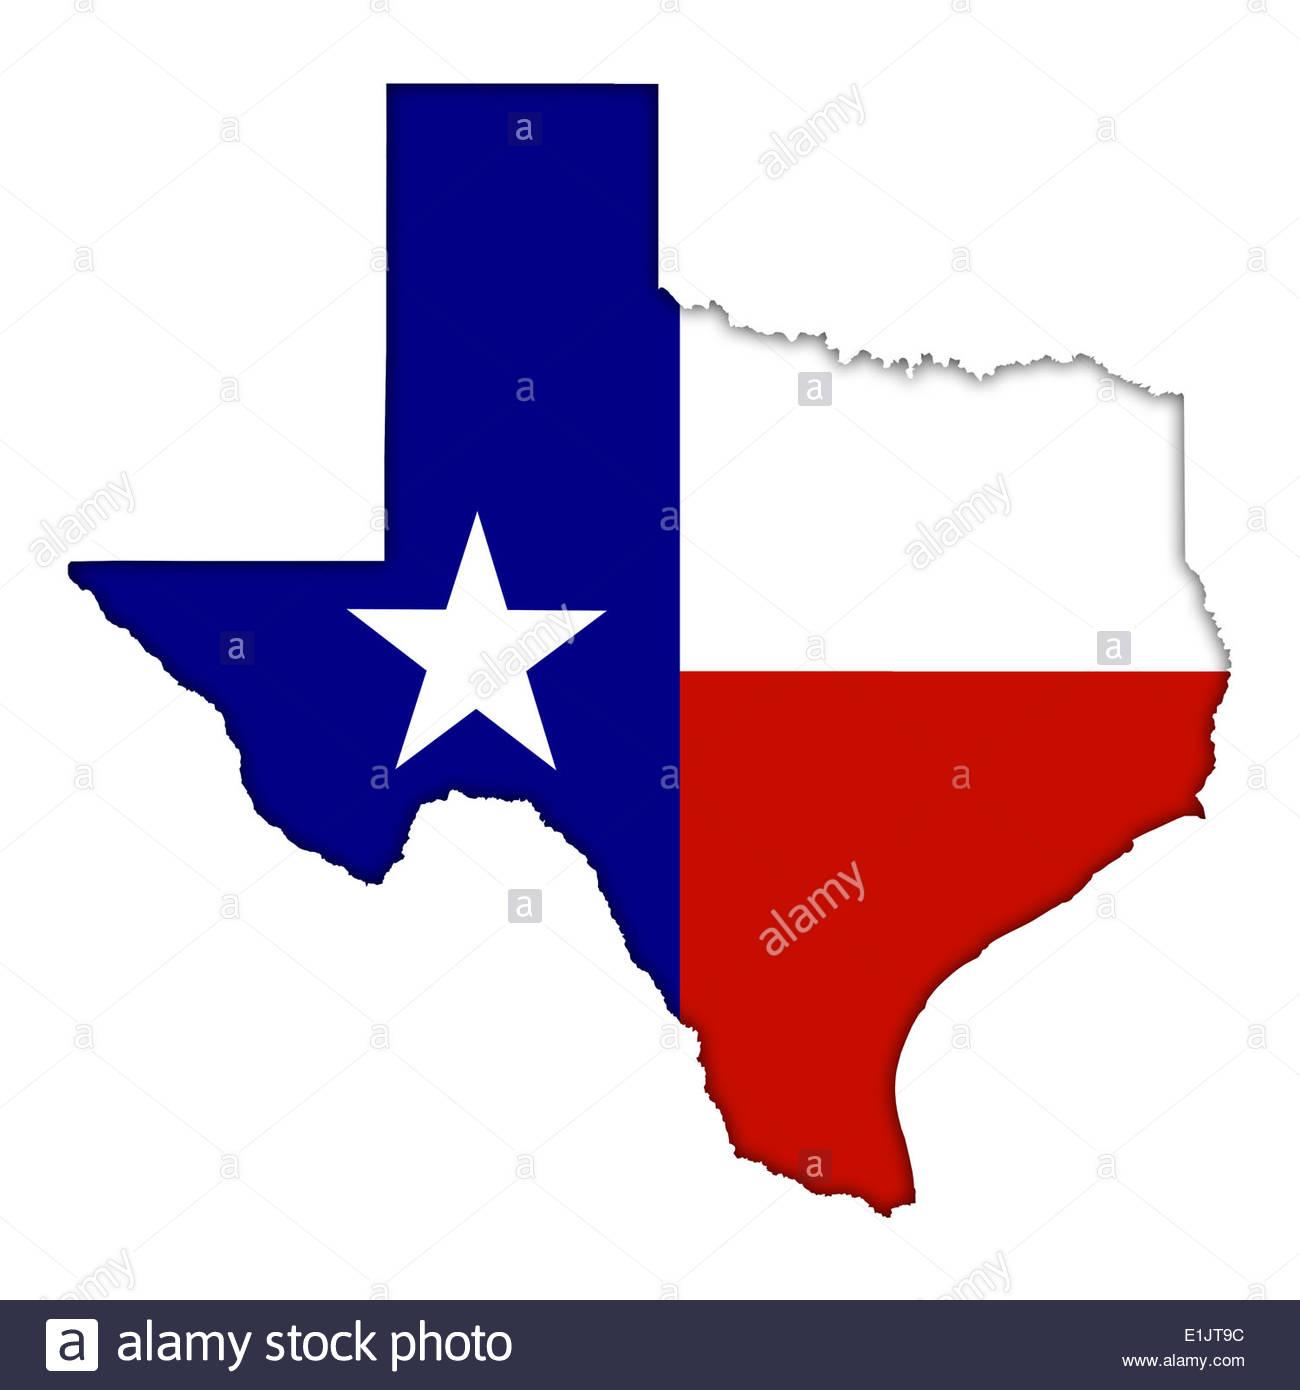 1300x1390 Inspiring Texas Logos Free 42 About Remodel Create Logo Online